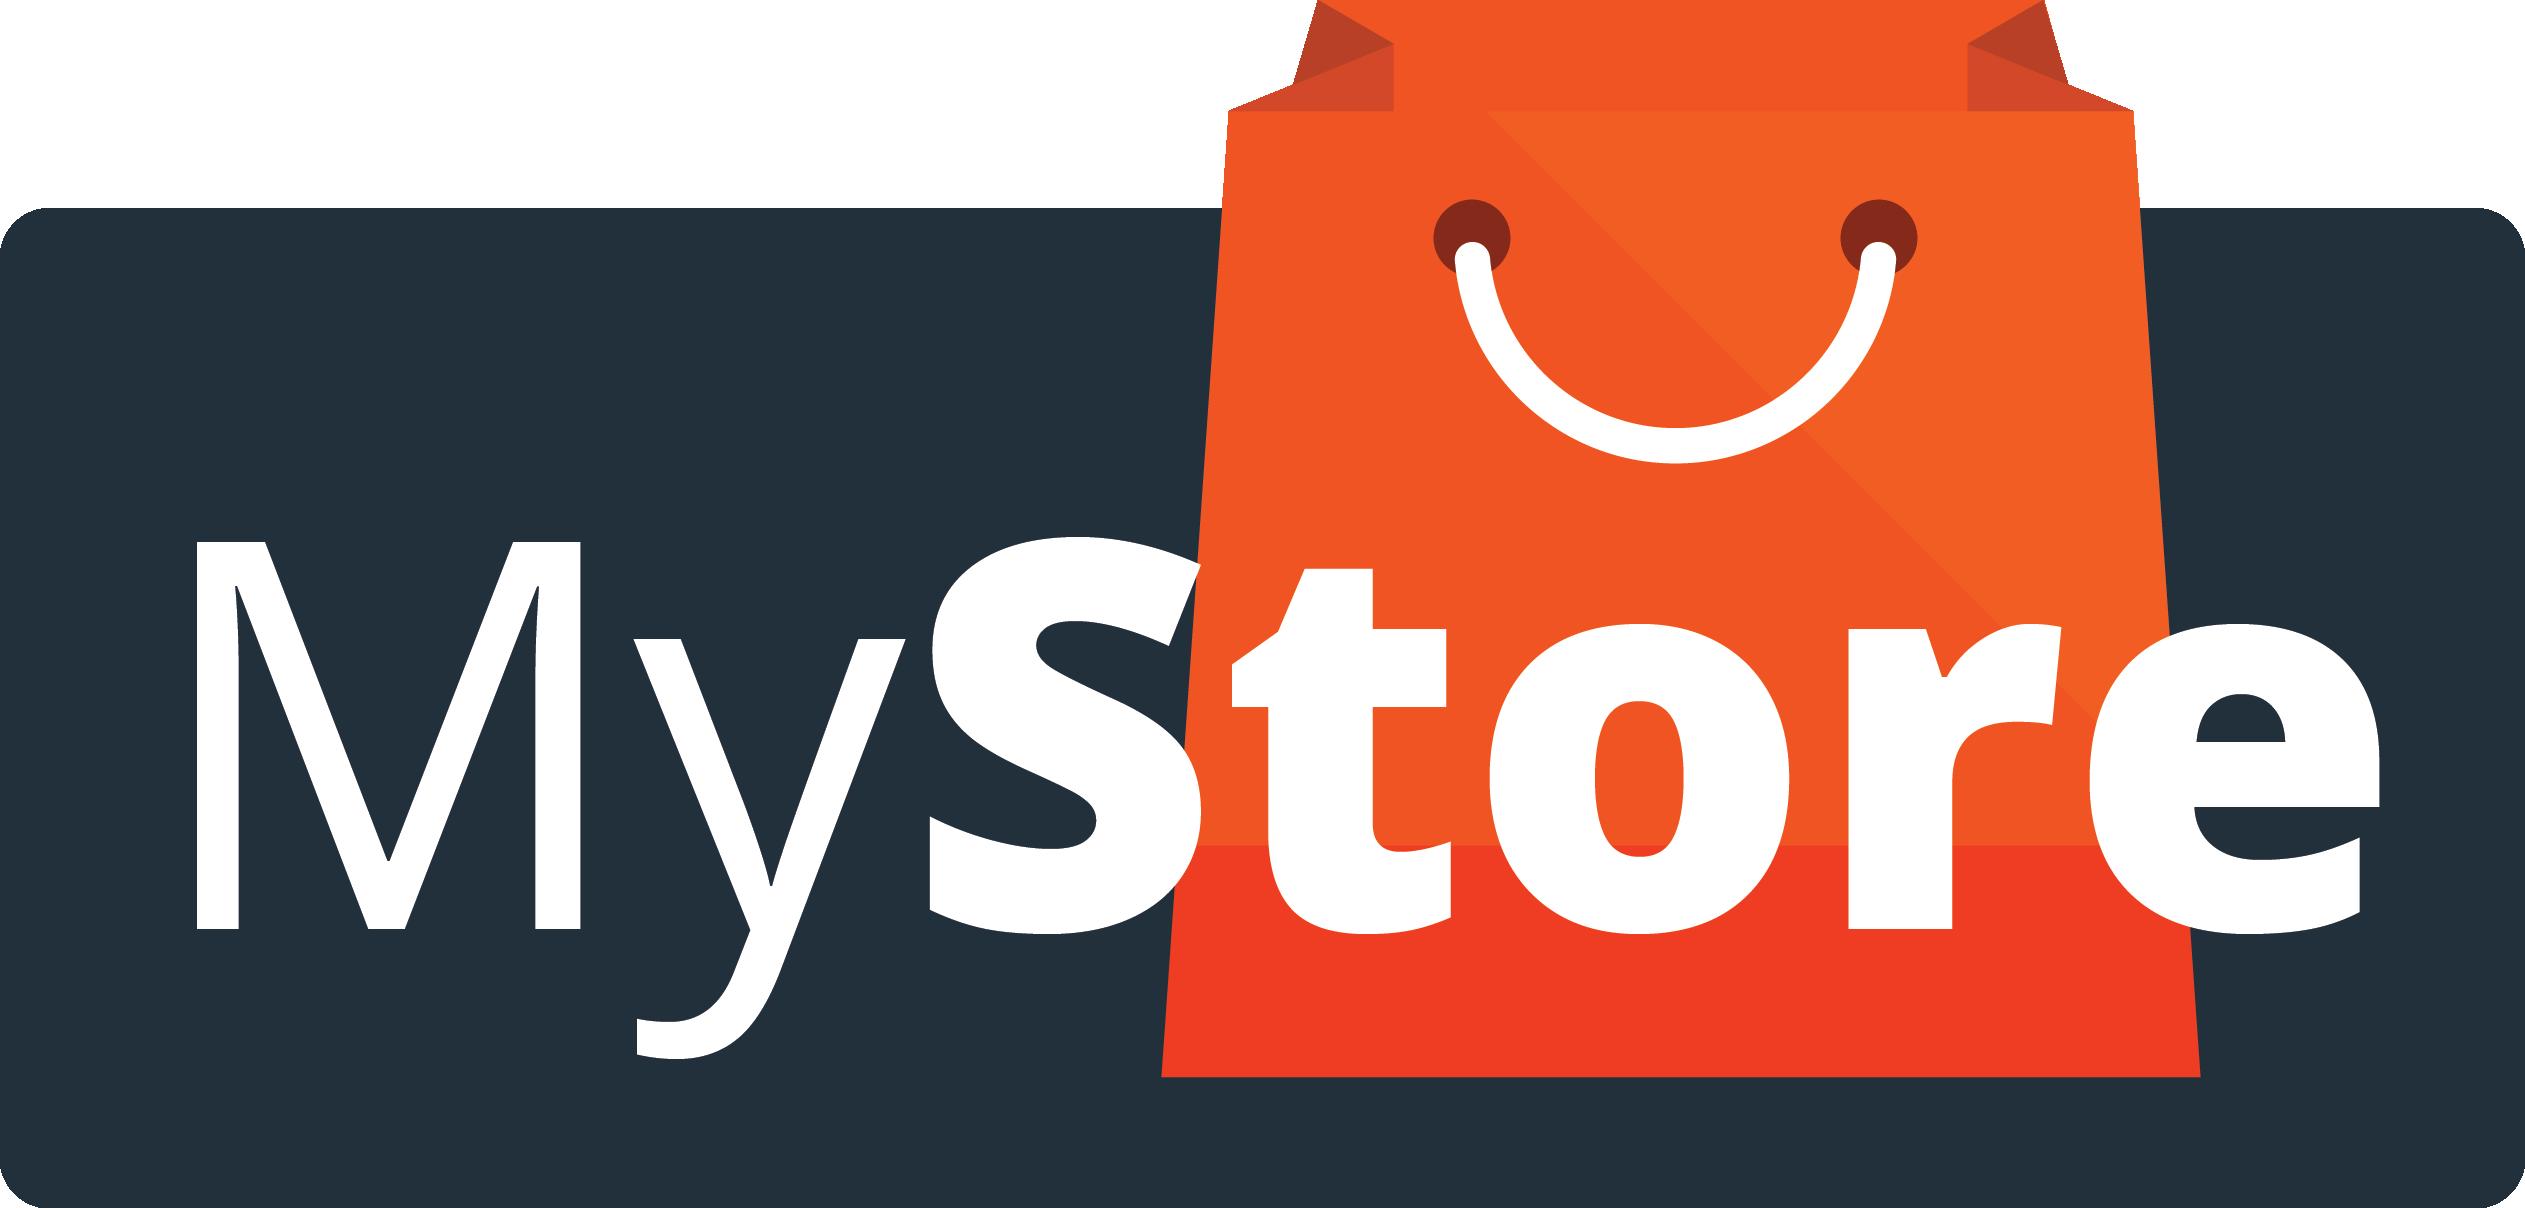 Főkategória - MyStore.hu - 5. oldal a625b68847